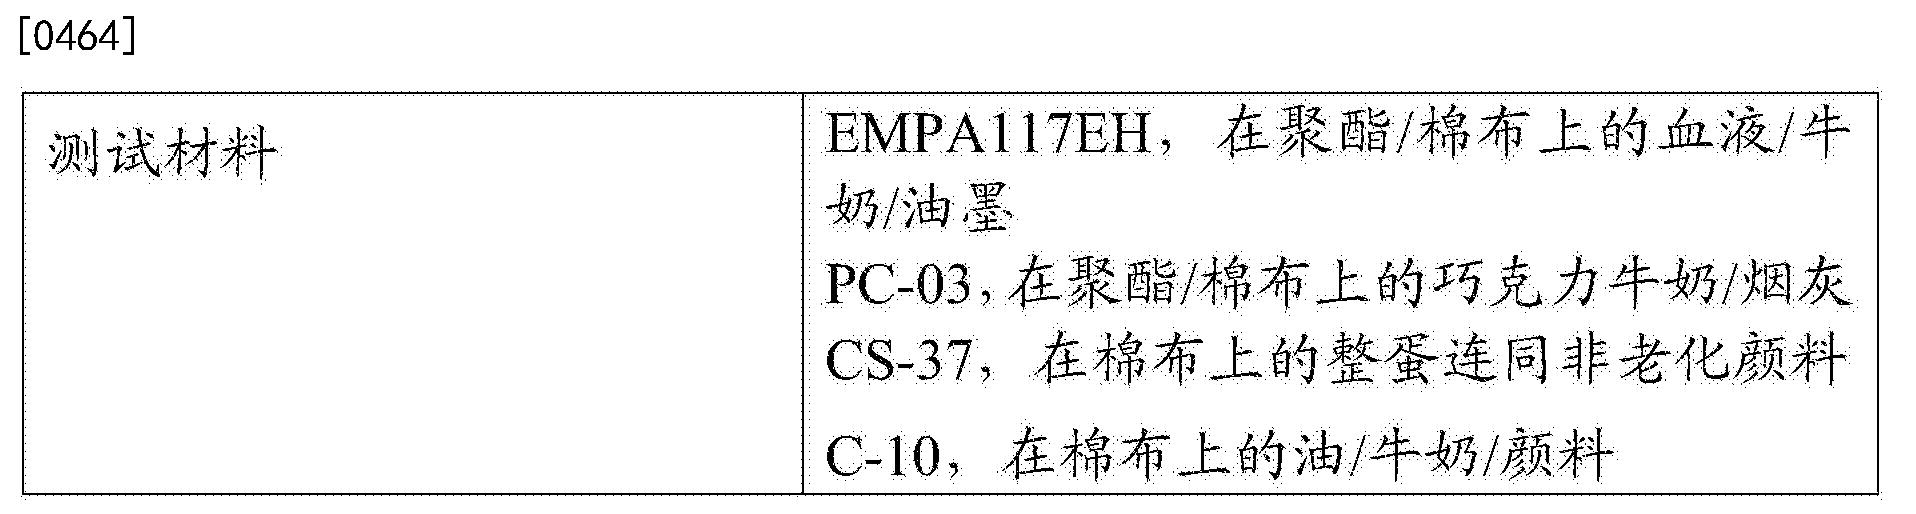 Figure CN104271726BD00542